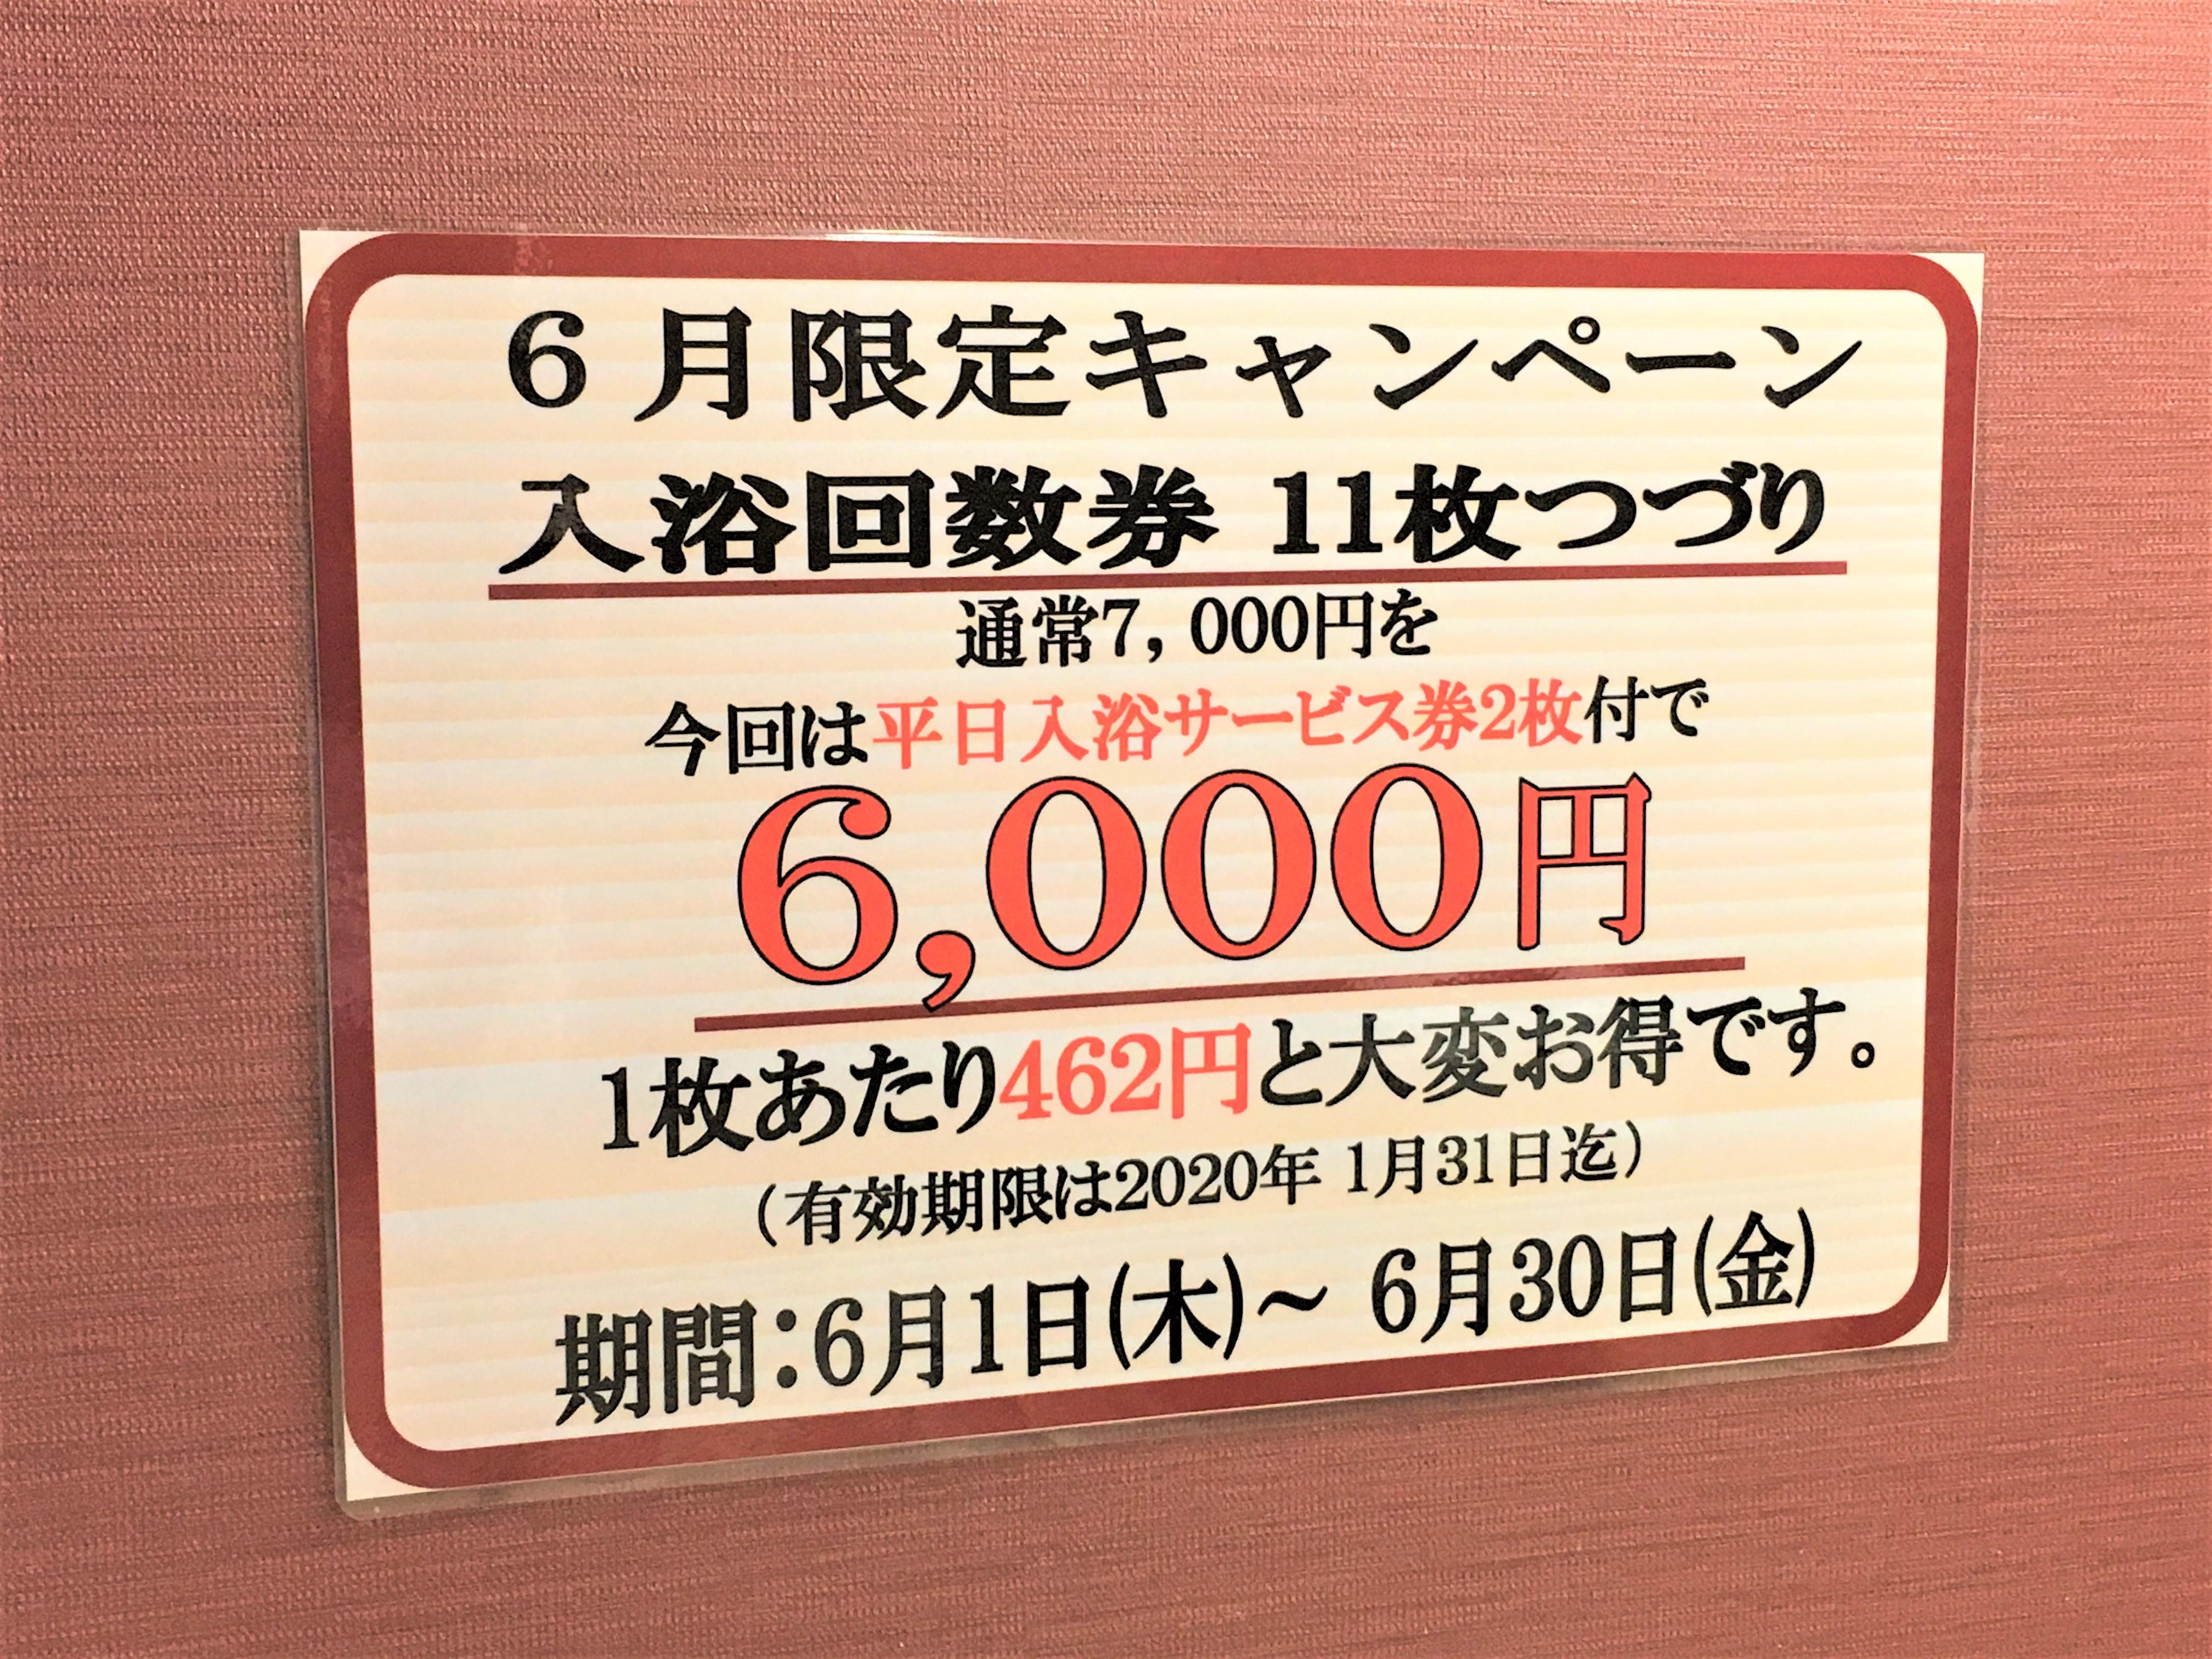 入浴回数券キャンペーンのご案内です♪